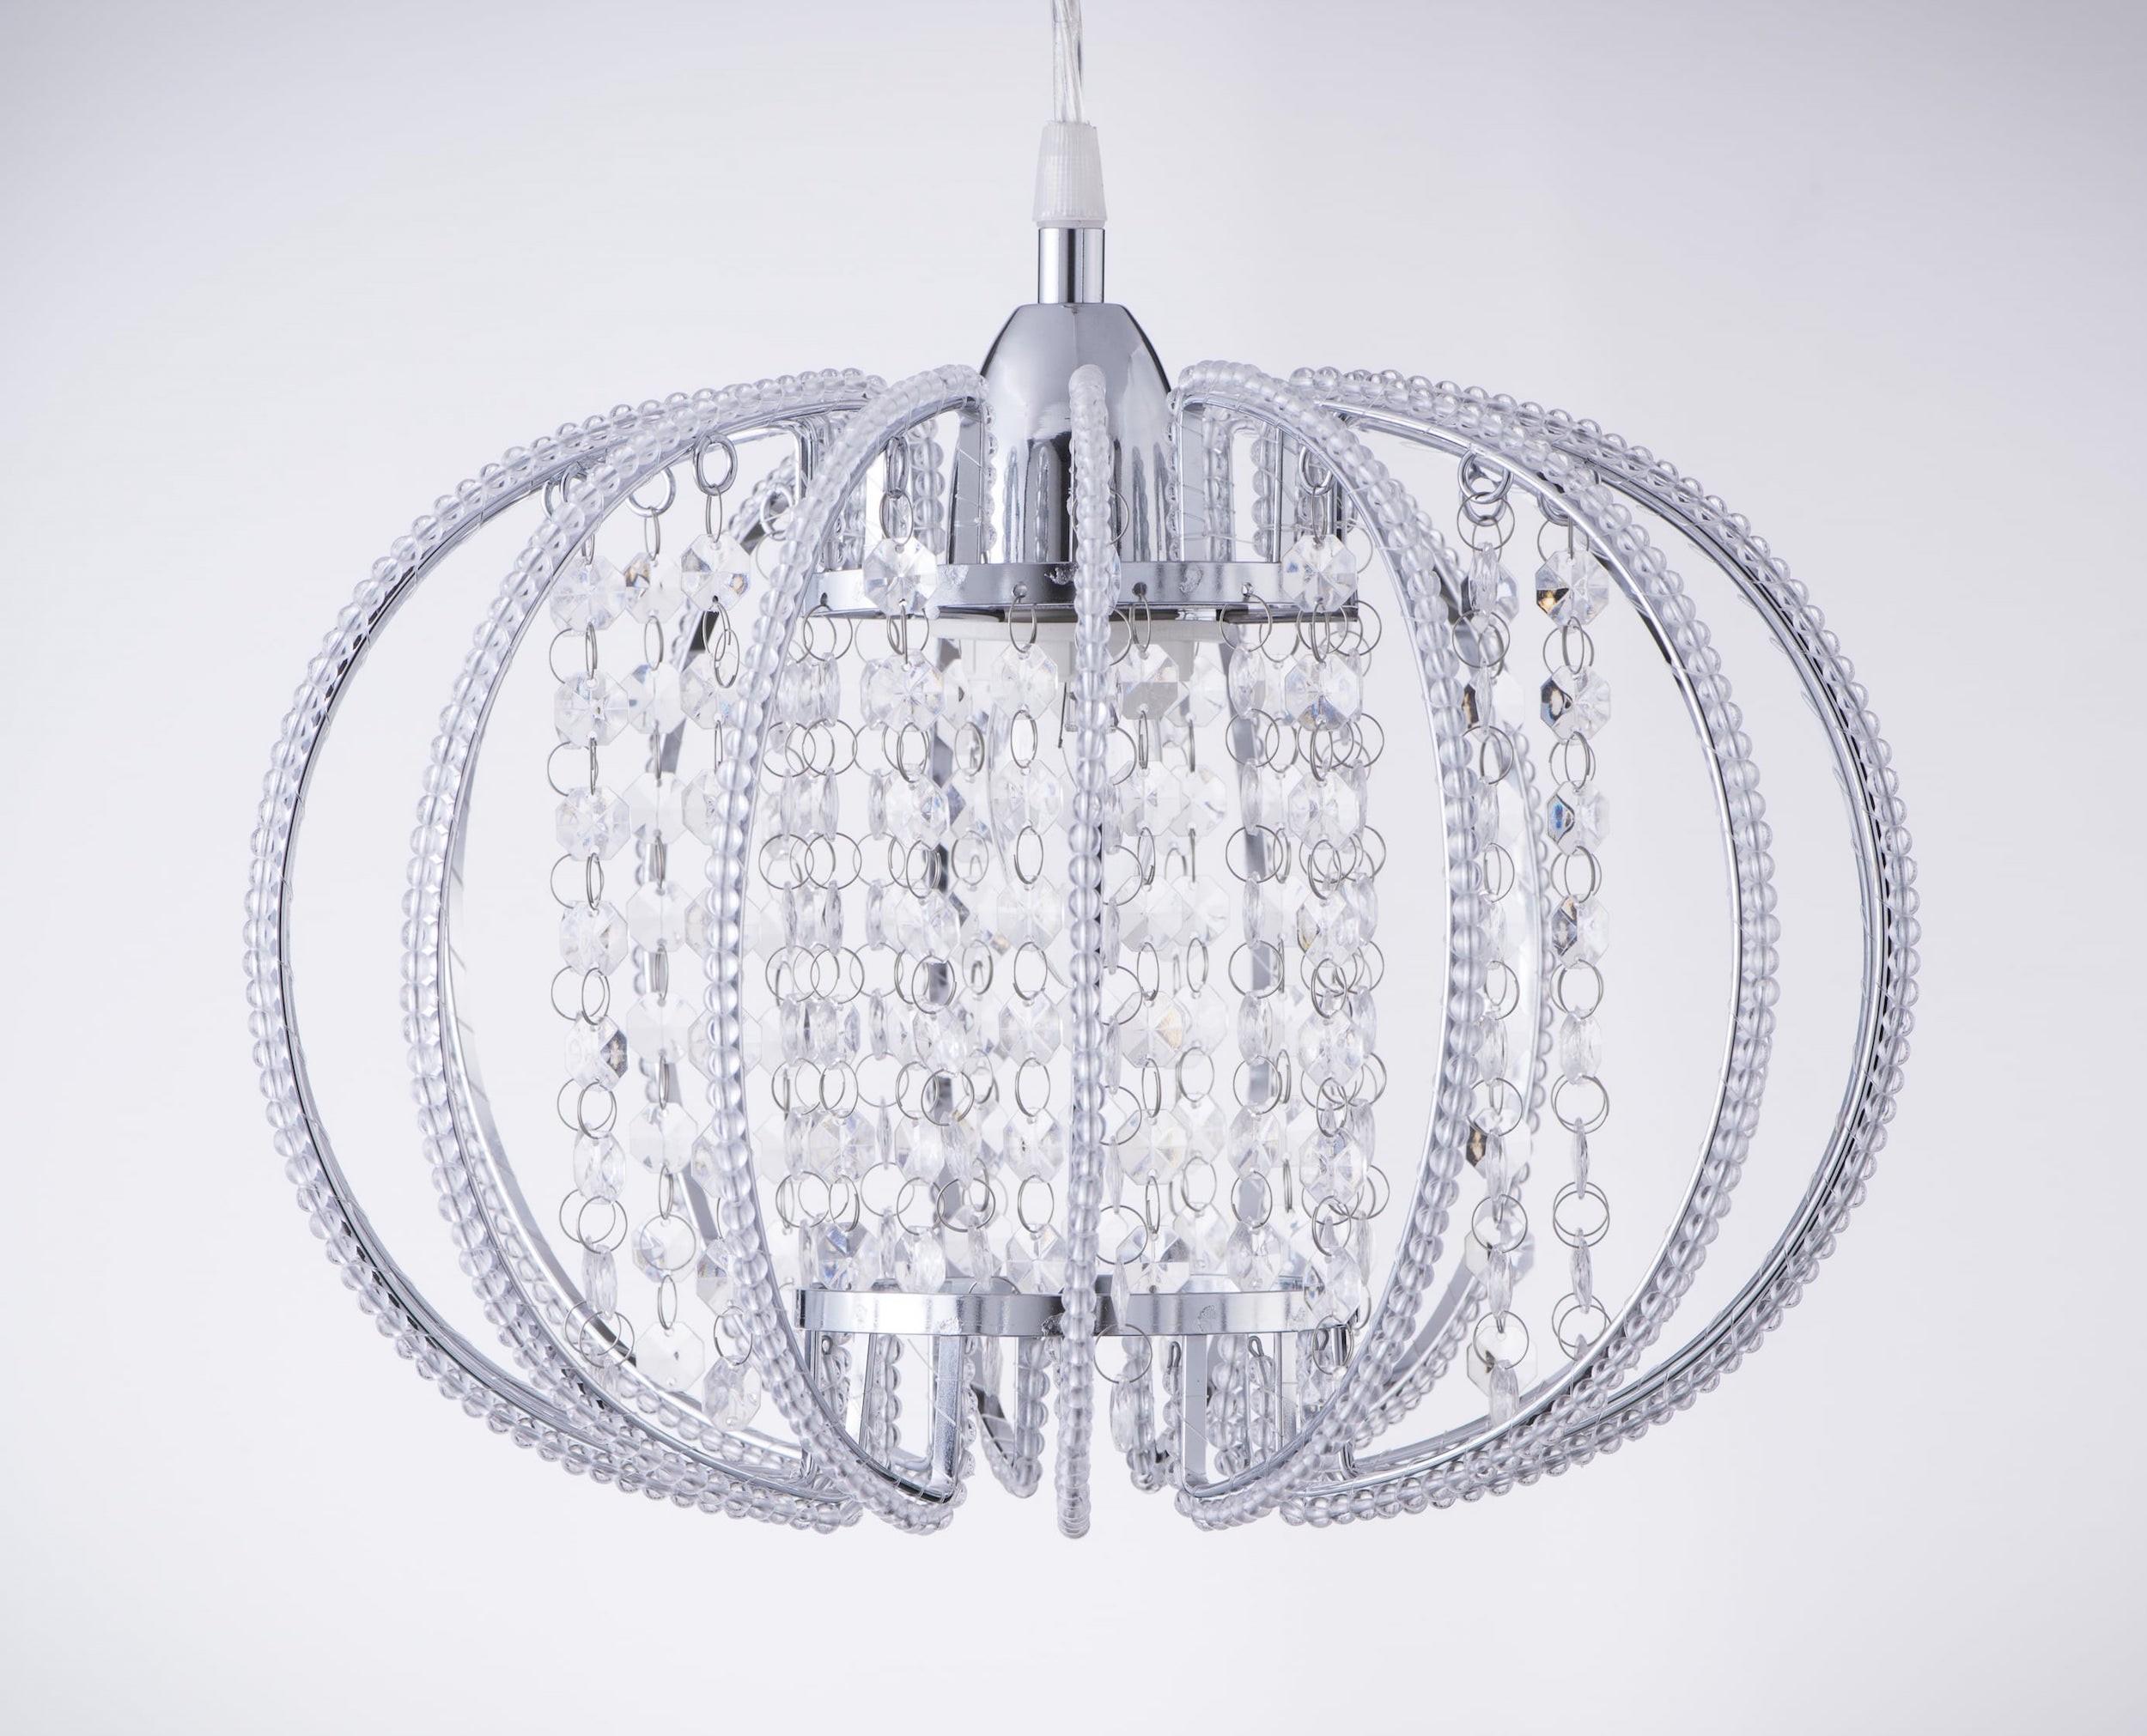 鍍鉻圓形透明壓克力珠吊燈-BNL00046